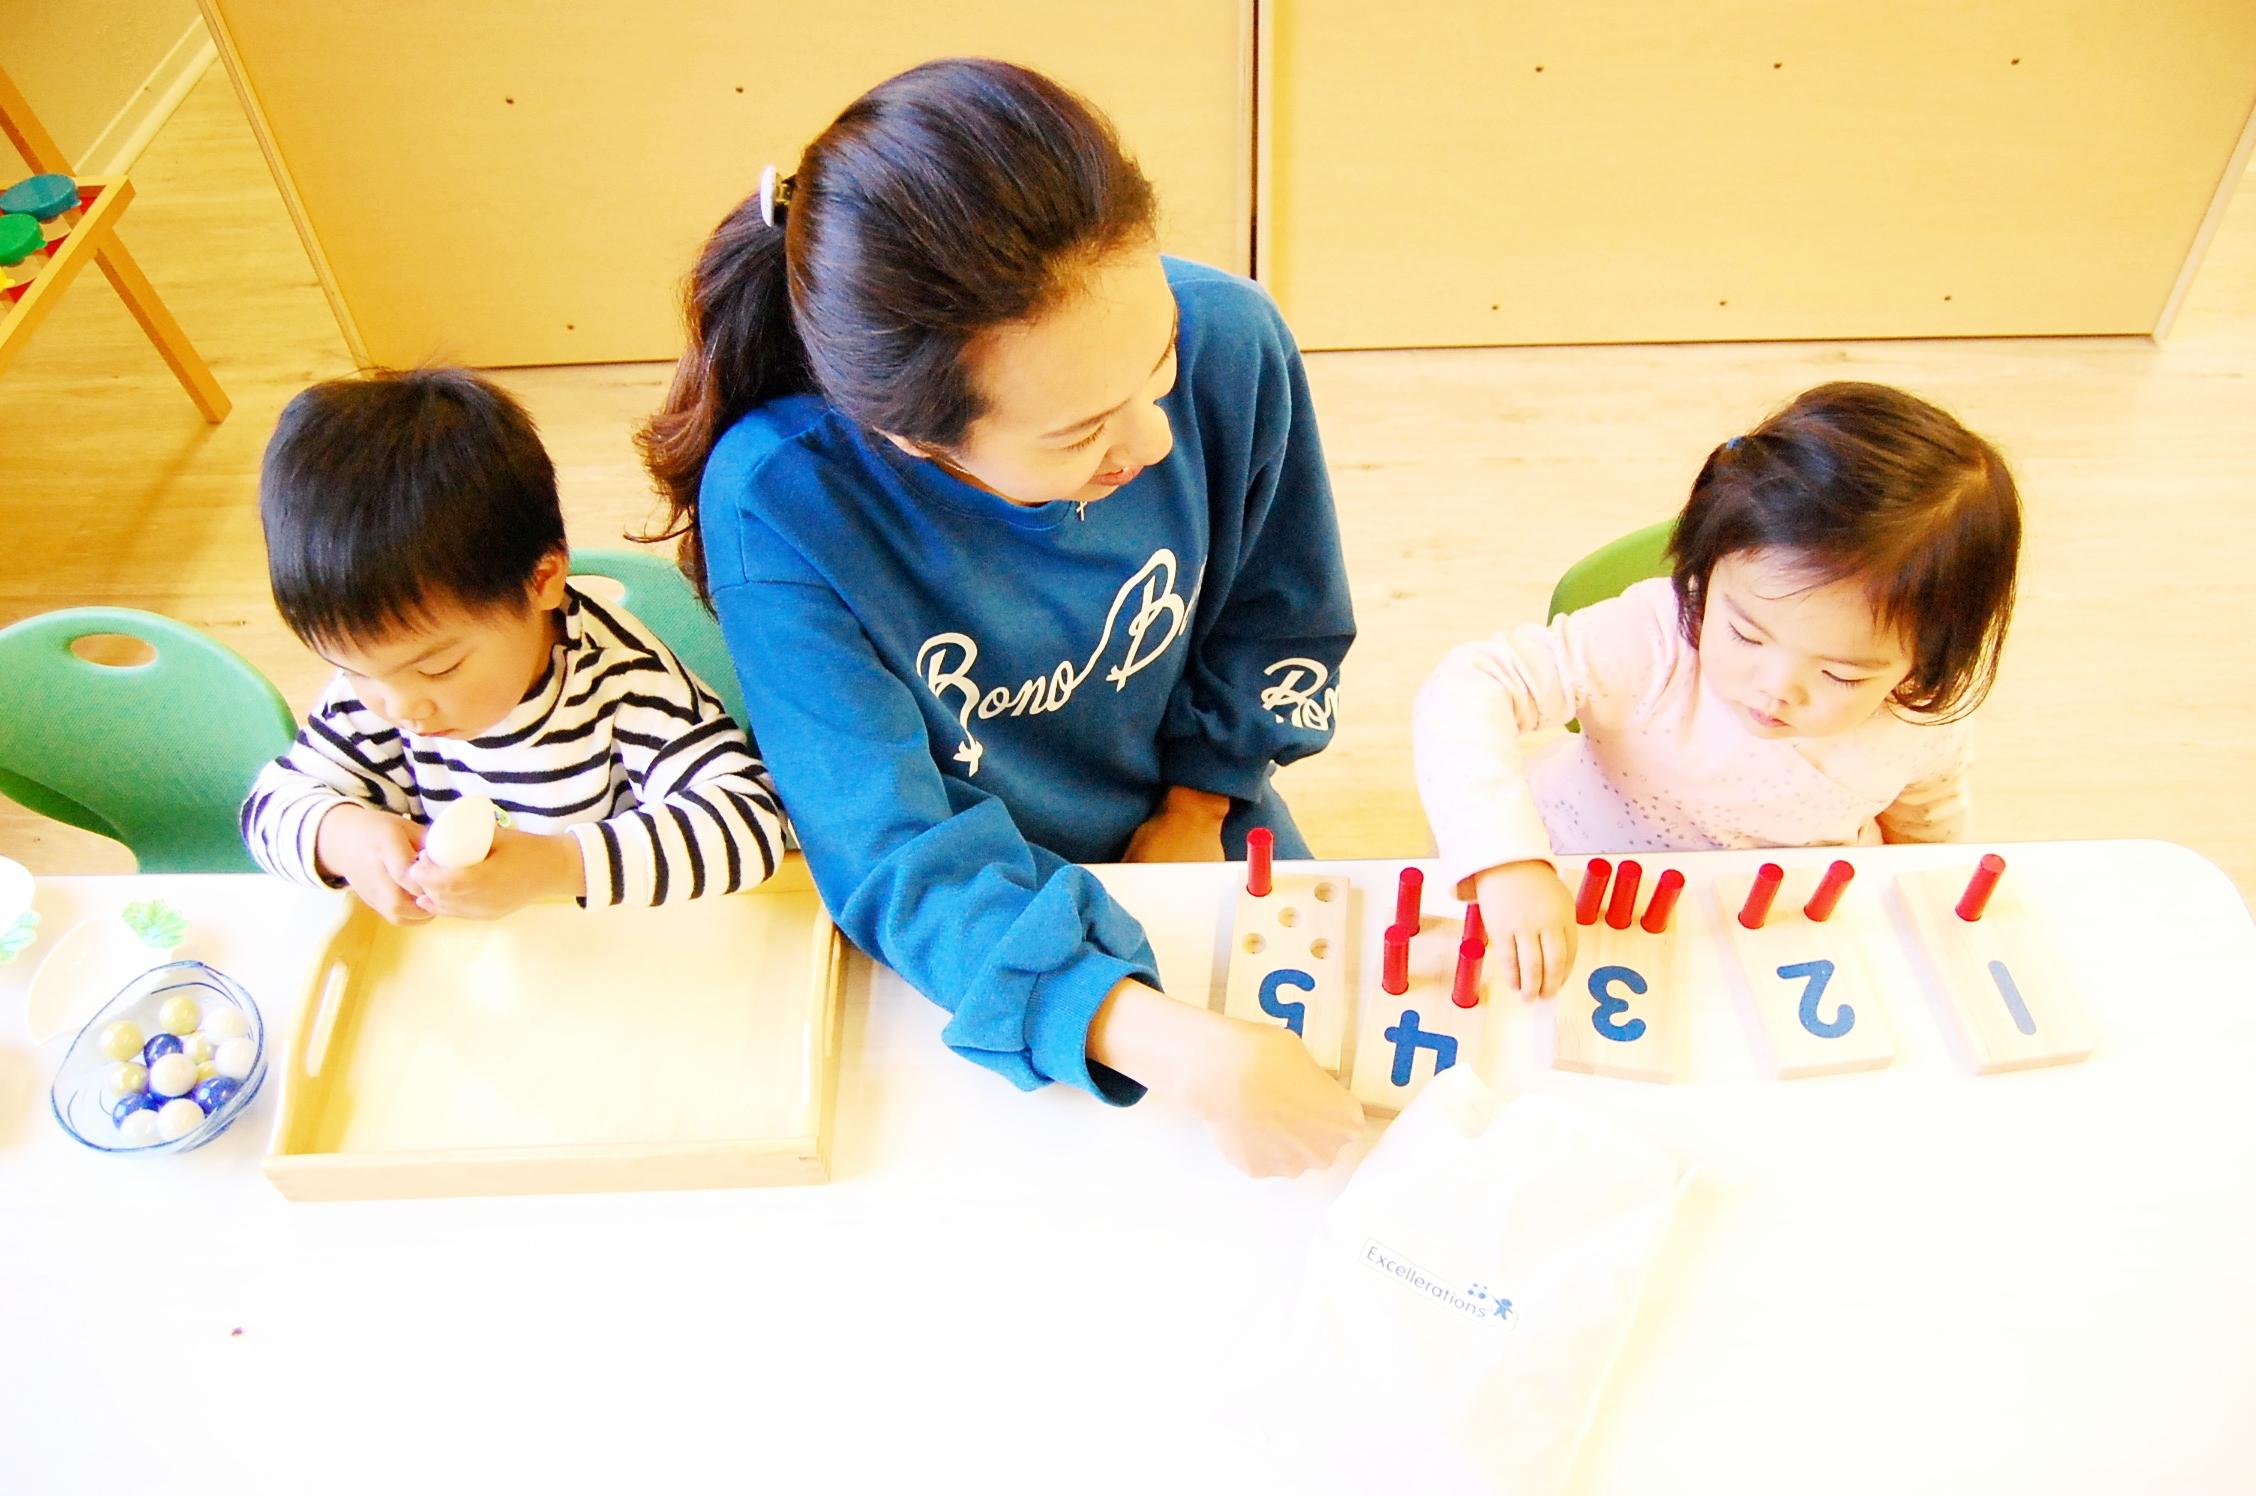 cupertino_preschool_teacher_two_kids.jpg